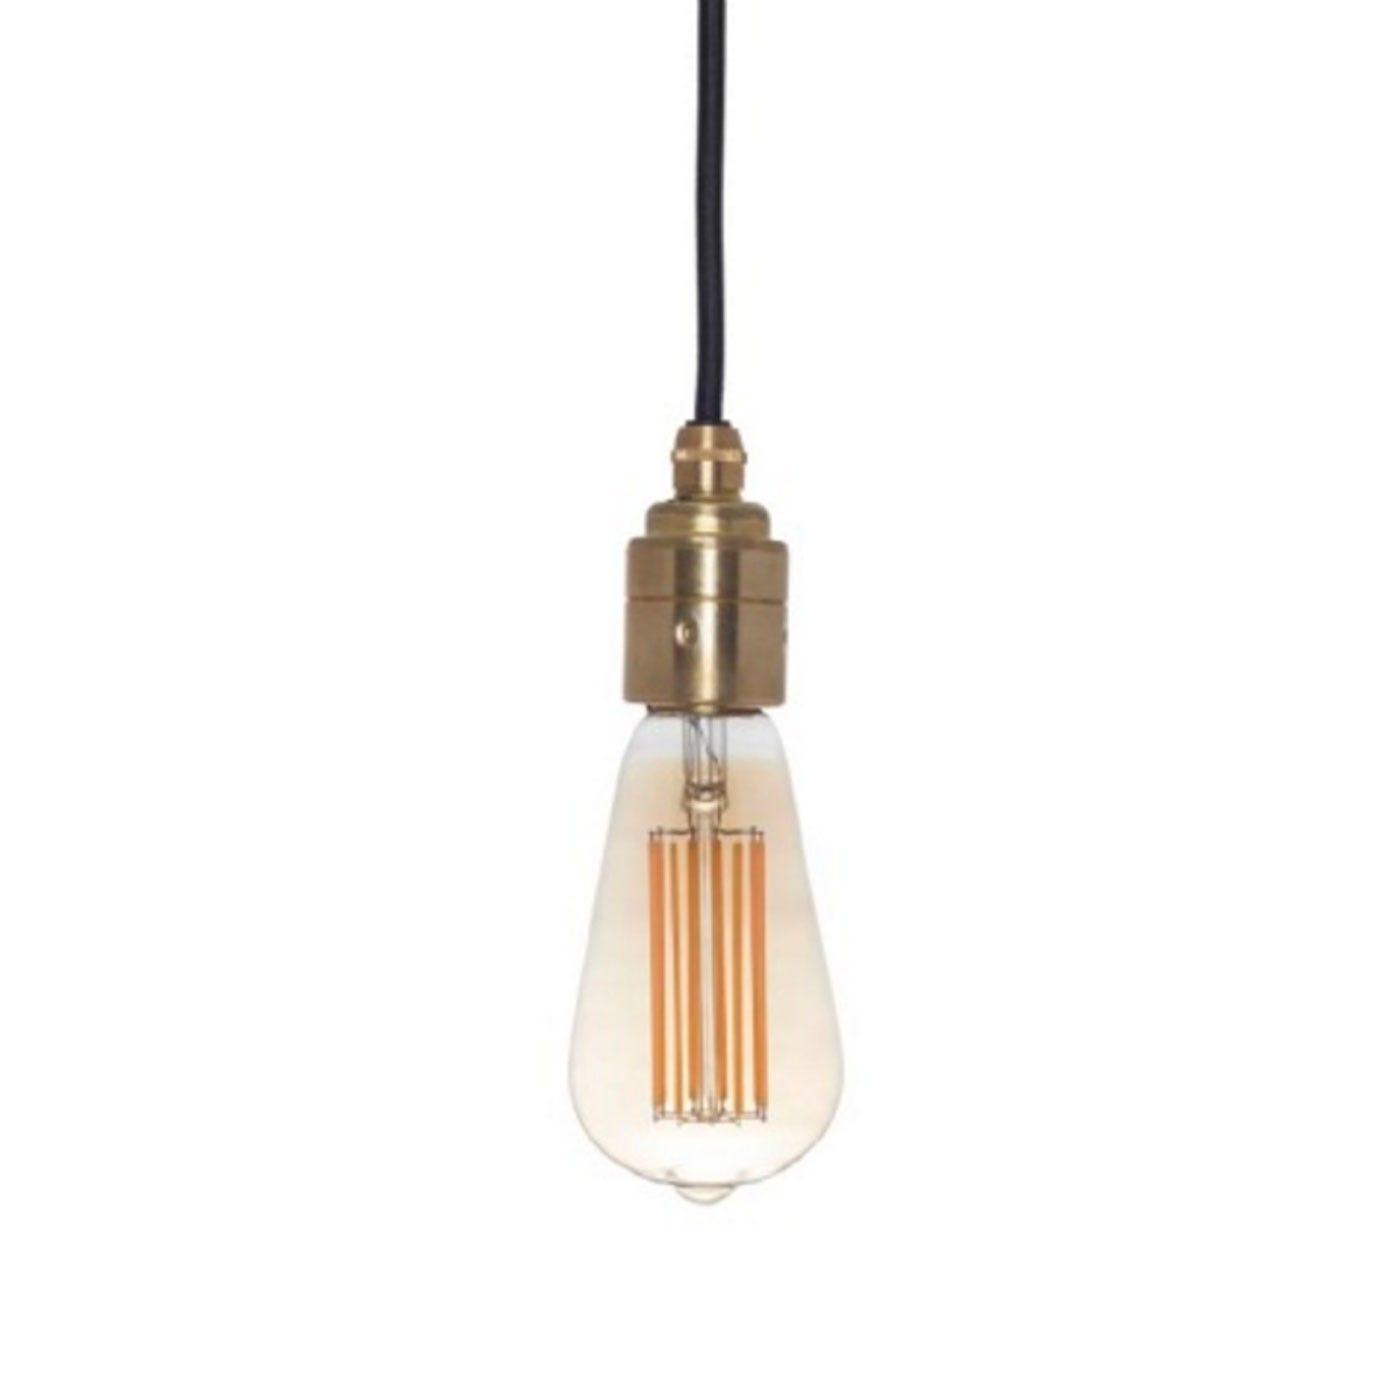 Squirrel Cage Bulb 3W B22 LED